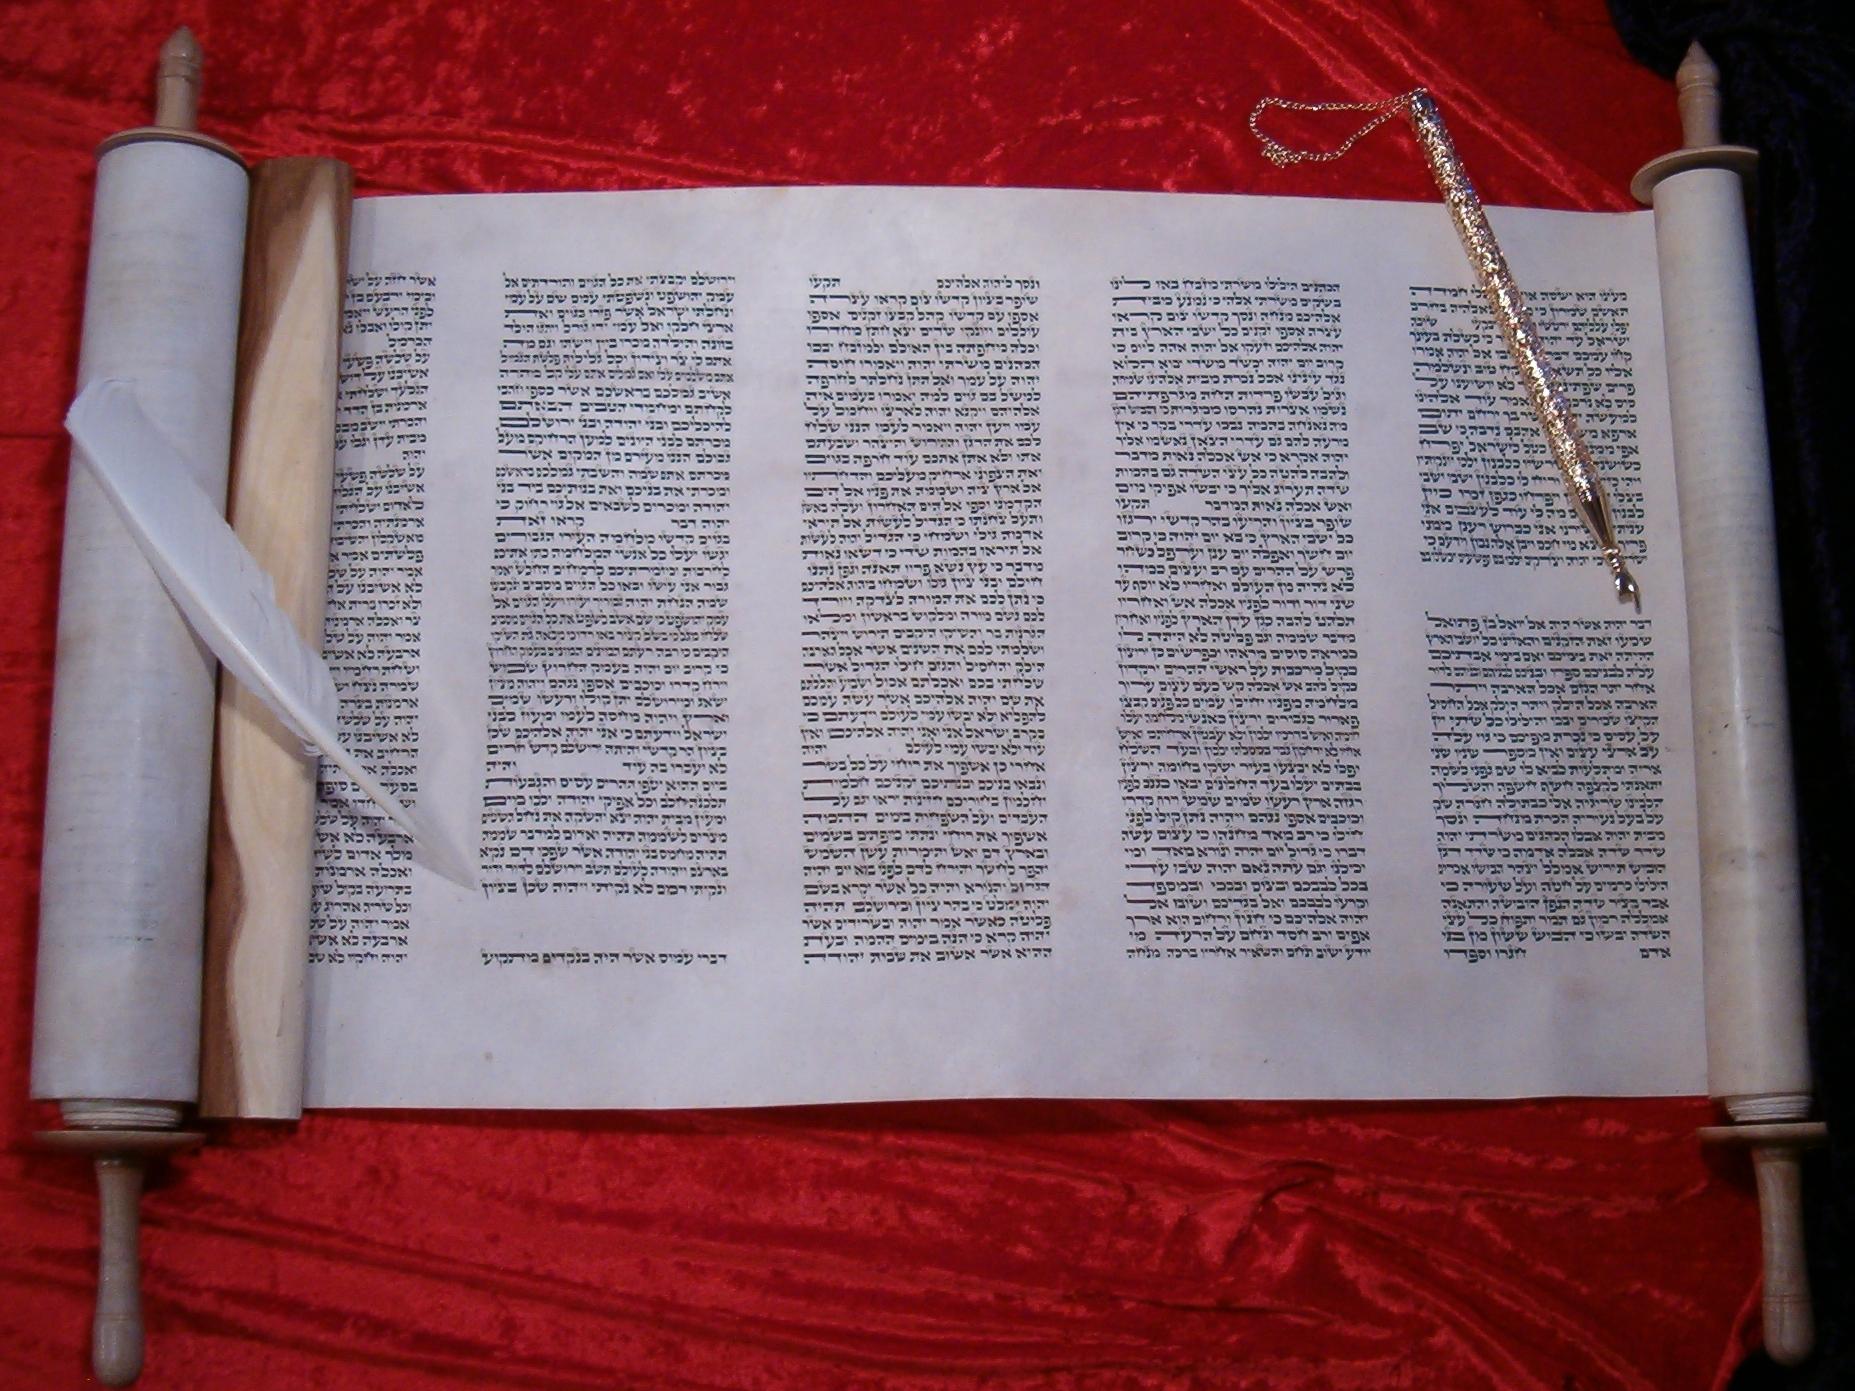 上图:希伯来文《十二先知书》的羊皮卷。在希伯来文圣经中,《十二先知书》被合为一卷,在希伯来圣经《塔纳赫》(תנ״ך / Tanakh)中被列为《先知书》的最后一卷。